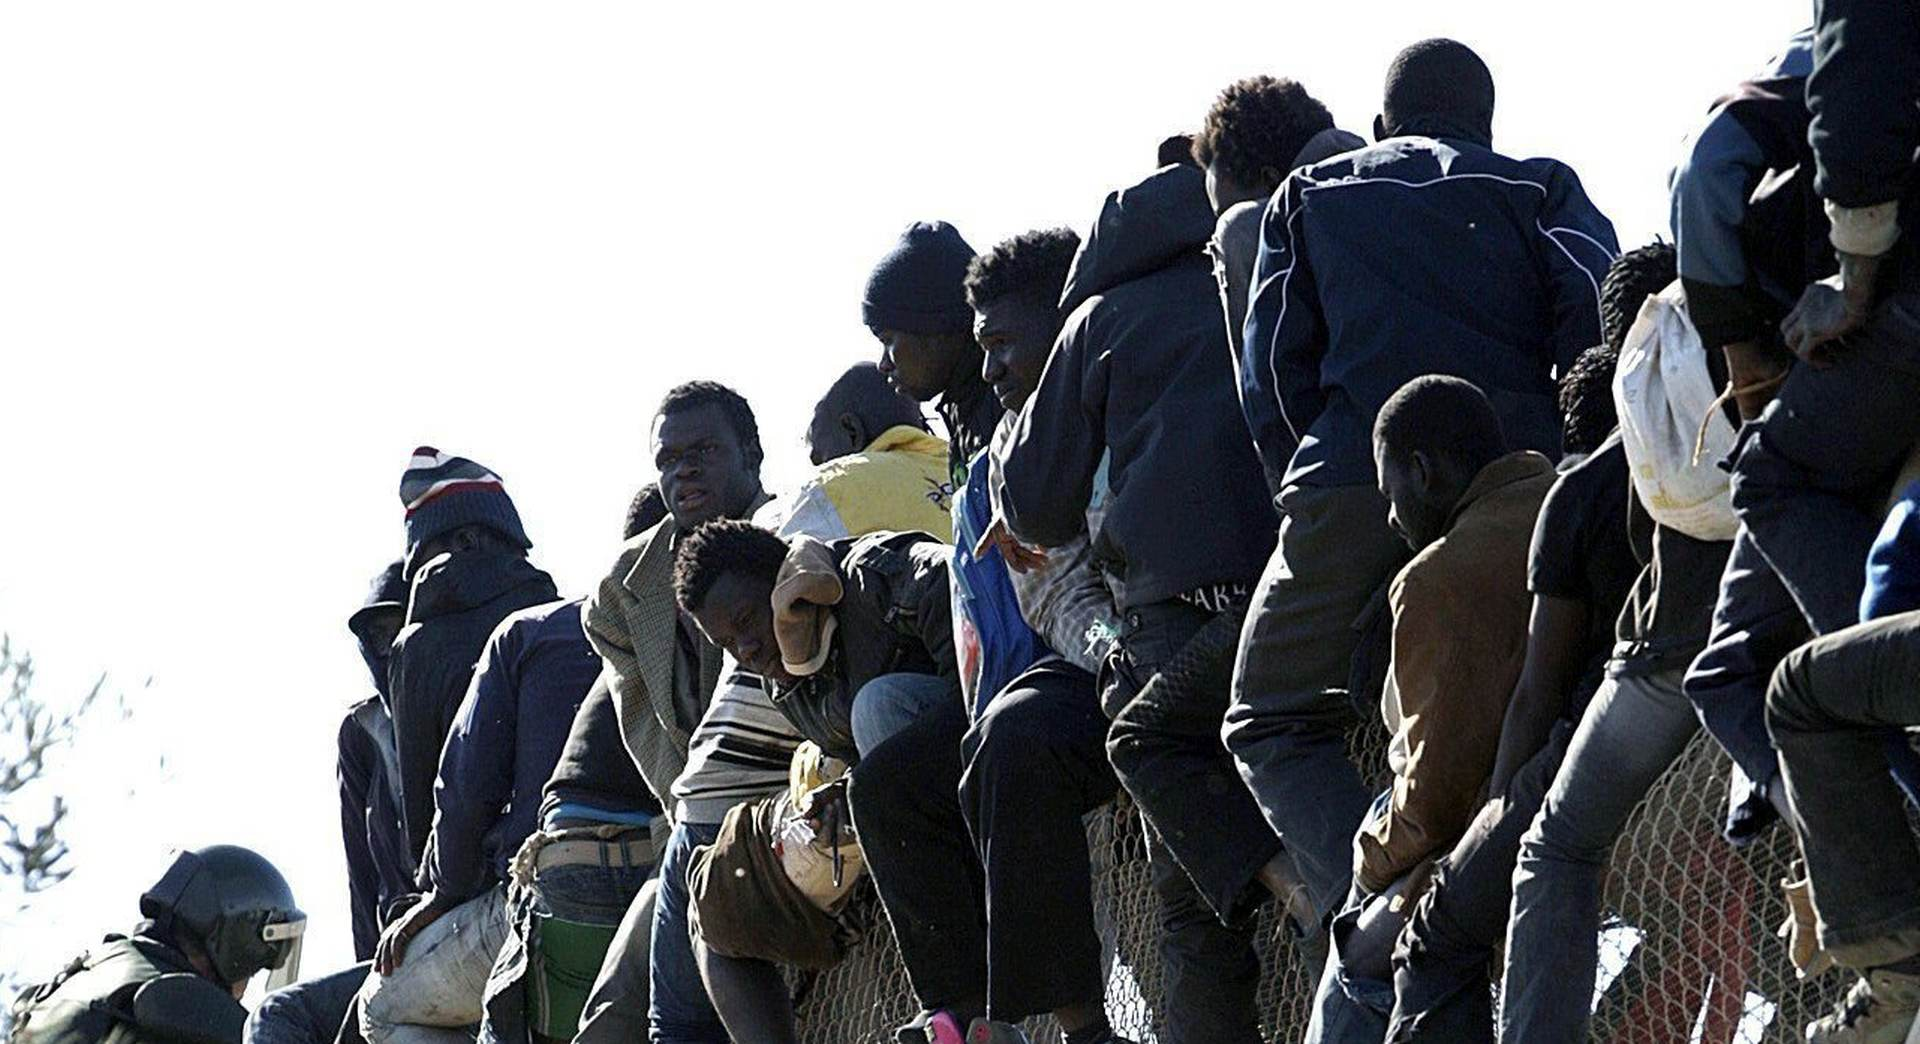 """Inicijativa """"Dobrodošli"""" pozvala policajce da odbiju protjerivati izbjeglice"""